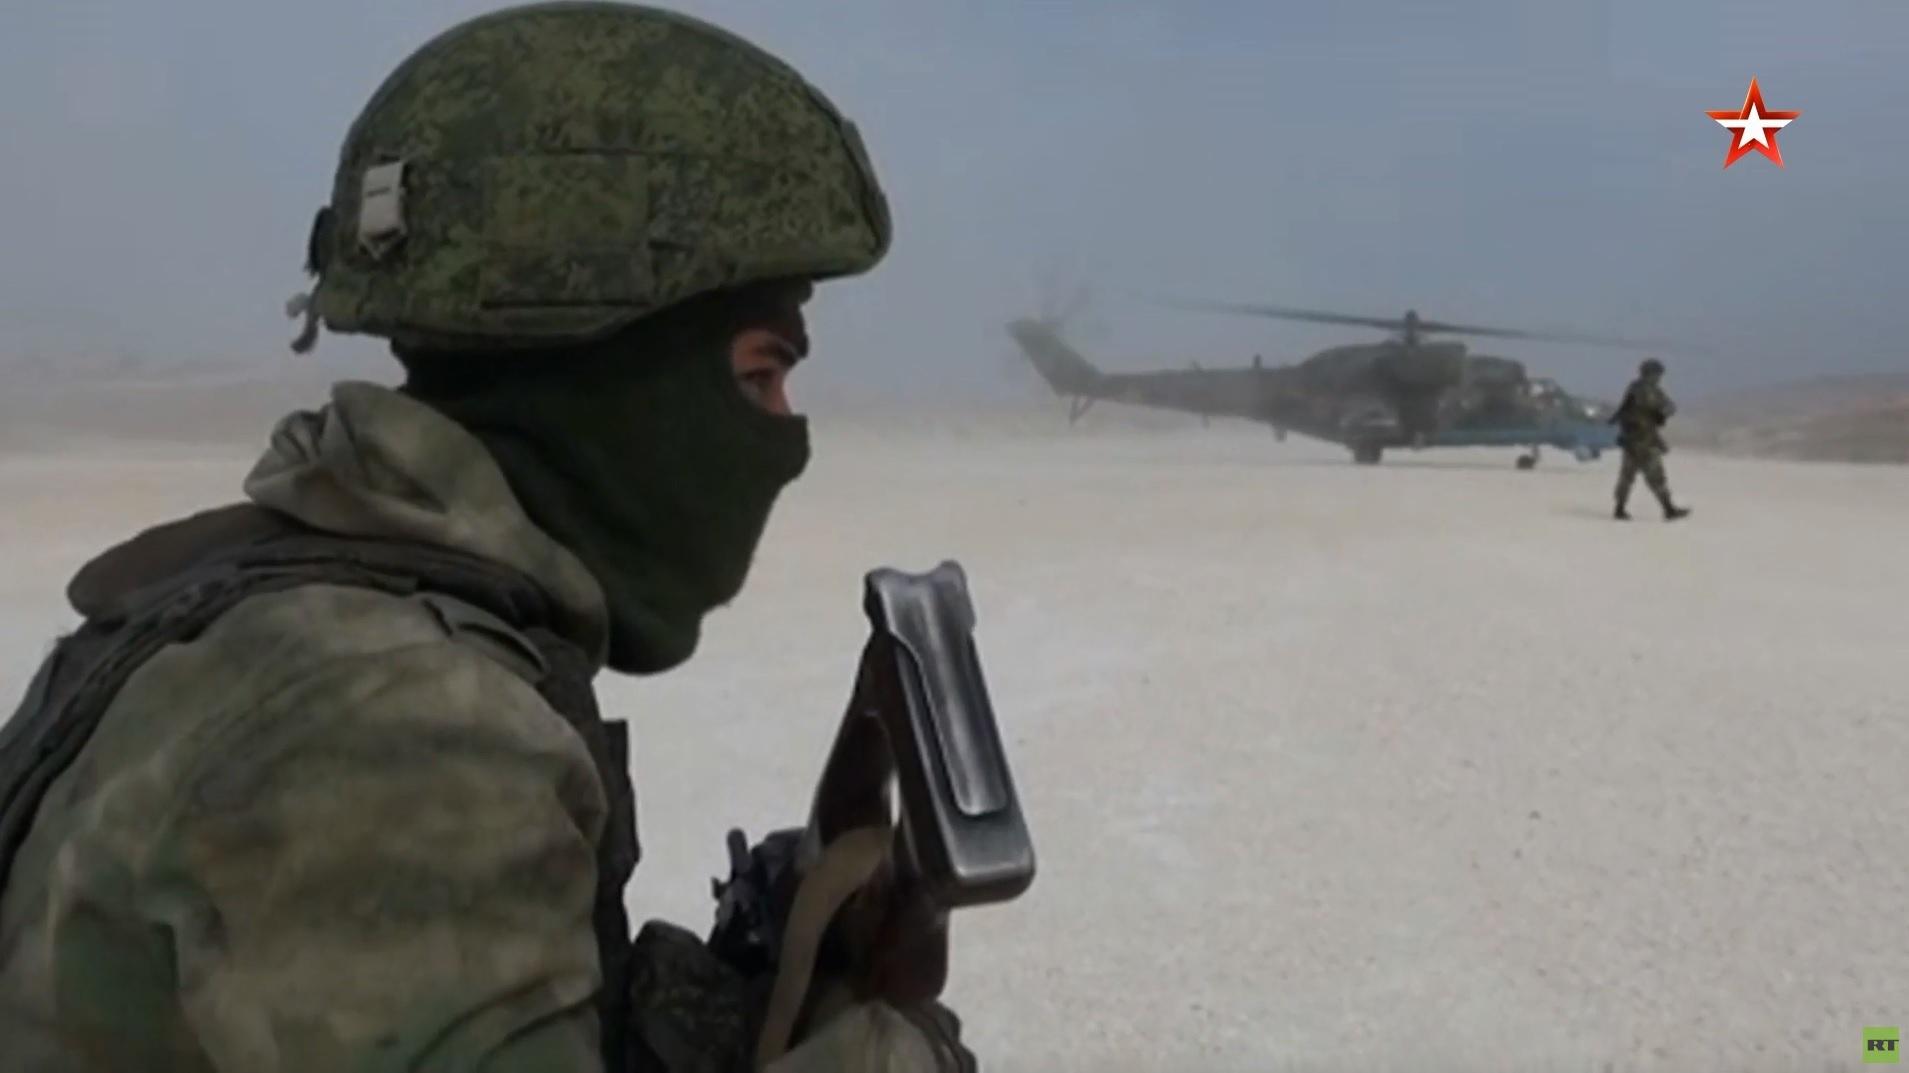 مشاهد لإنزال وحدة هجومية من الشرطة العسكرية الروسية على قاعدة أمريكية سابقة في سوريا